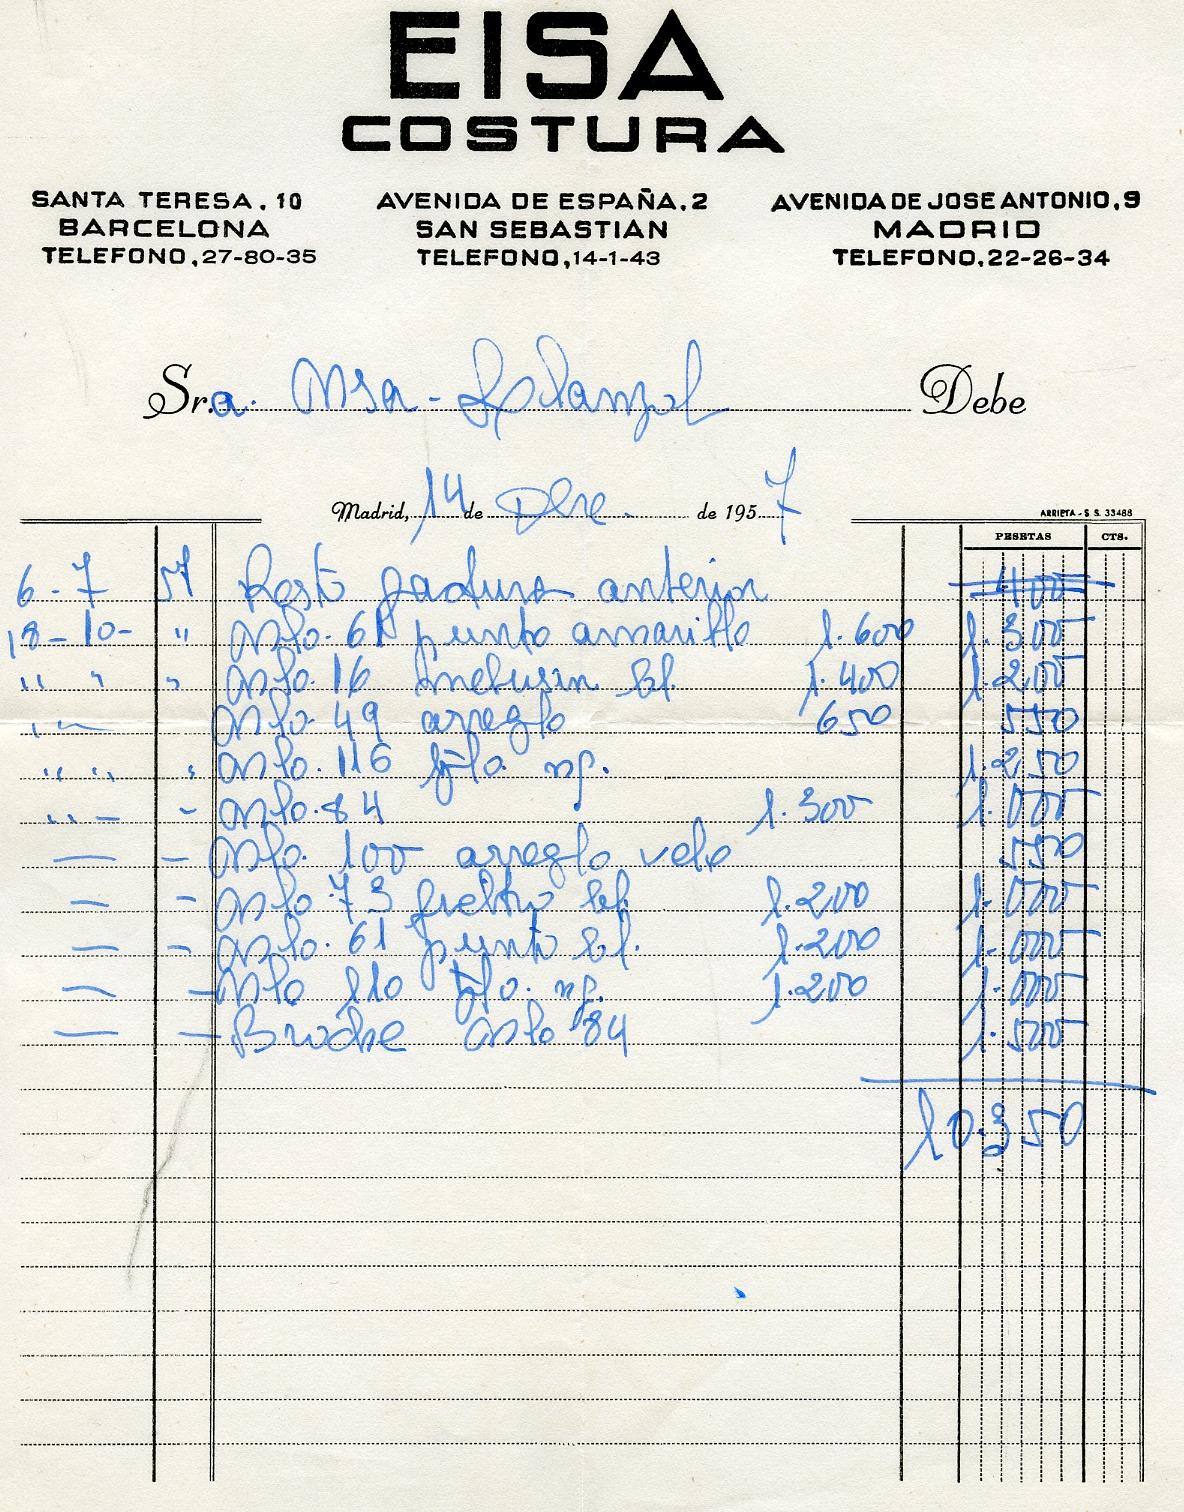 Factura de pago y recibo de pago de la marquesa de Llanzol a EISA